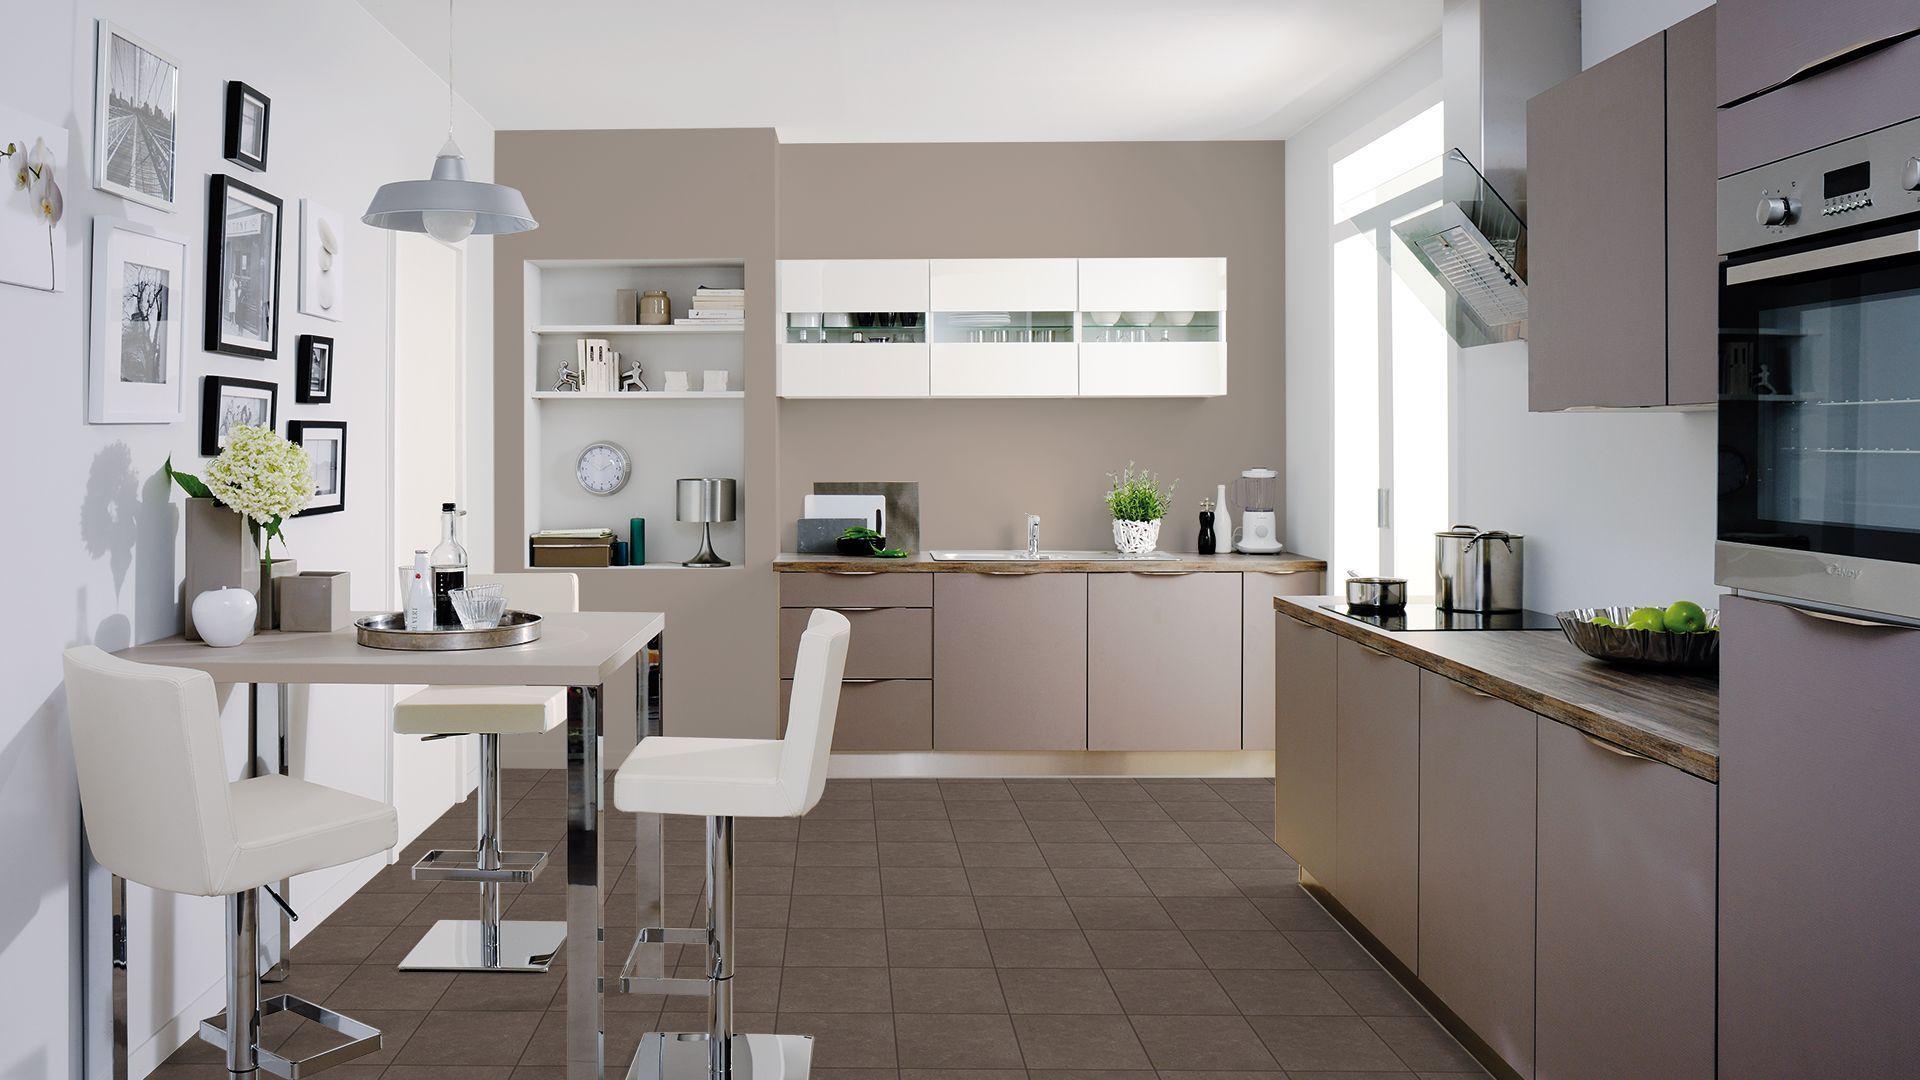 cuisine Les rapides ALMA | Maison { Cuisine } | Pinterest | Tomette ...